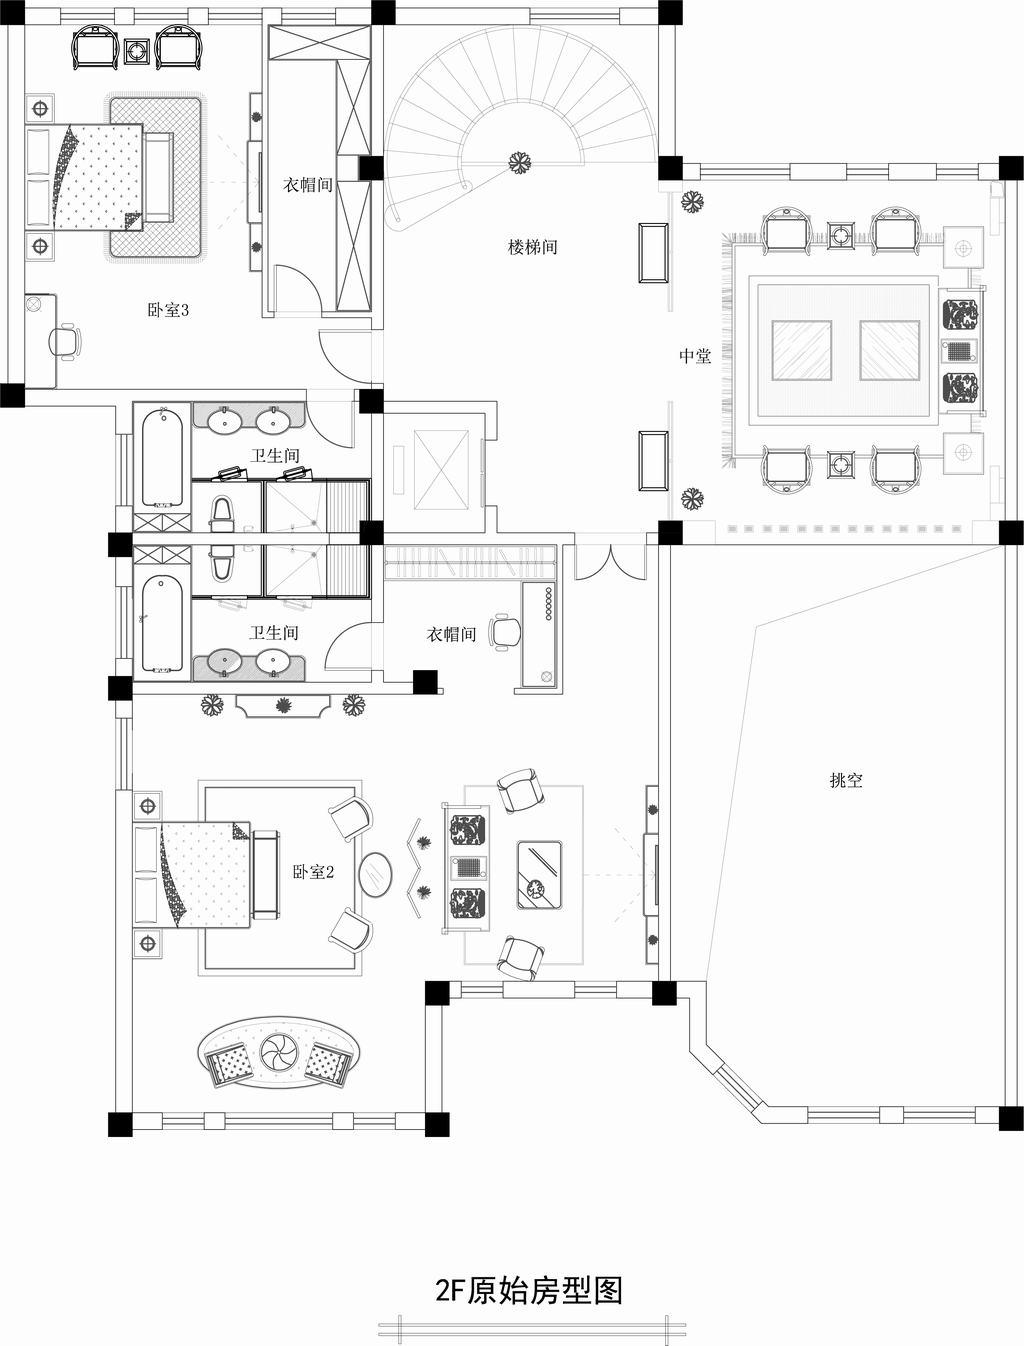 东营泰和公馆-新中式-800平米装修设计理念